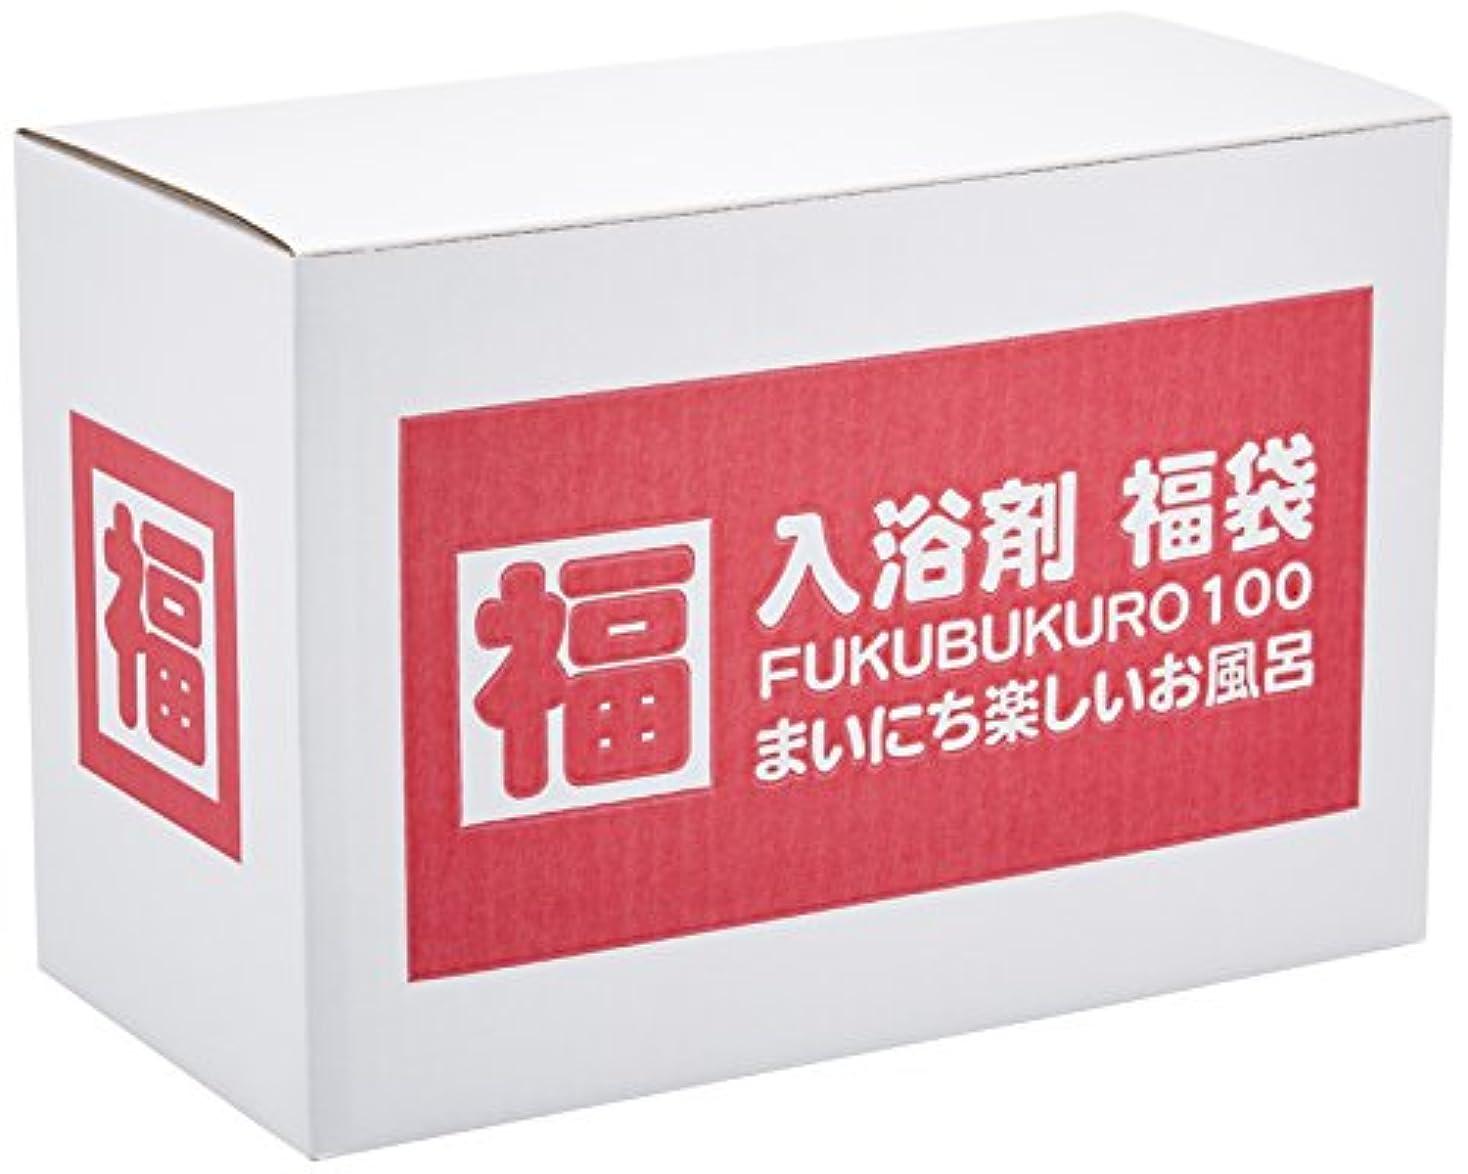 ブラウズダイジェスト模索入浴剤 福袋  100個安心の日本製